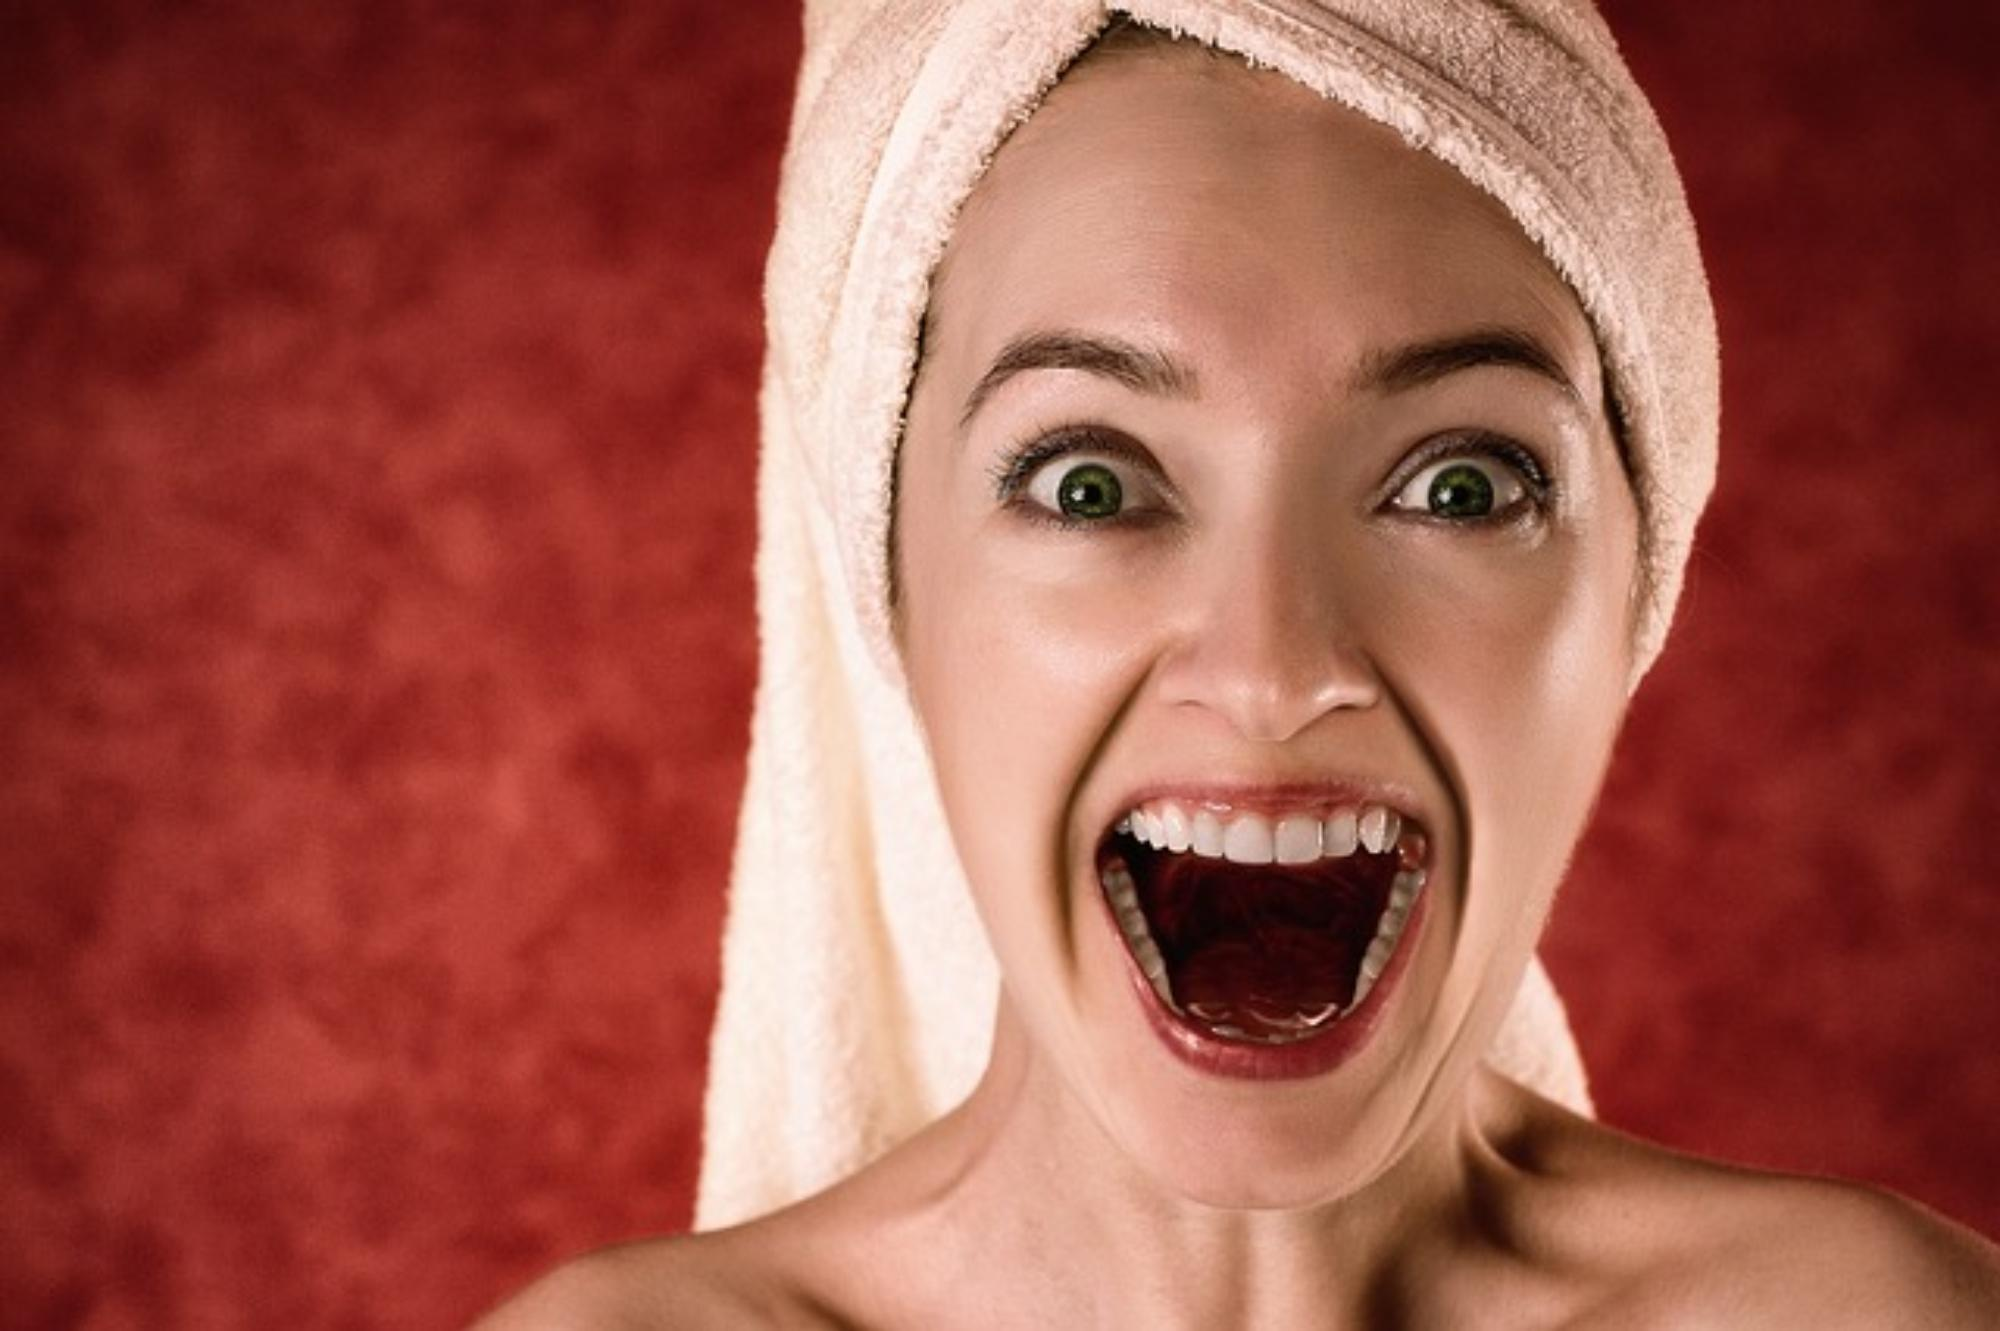 czy zęby mądrości są potrzebne, Czy zęby mądrości są potrzebne?